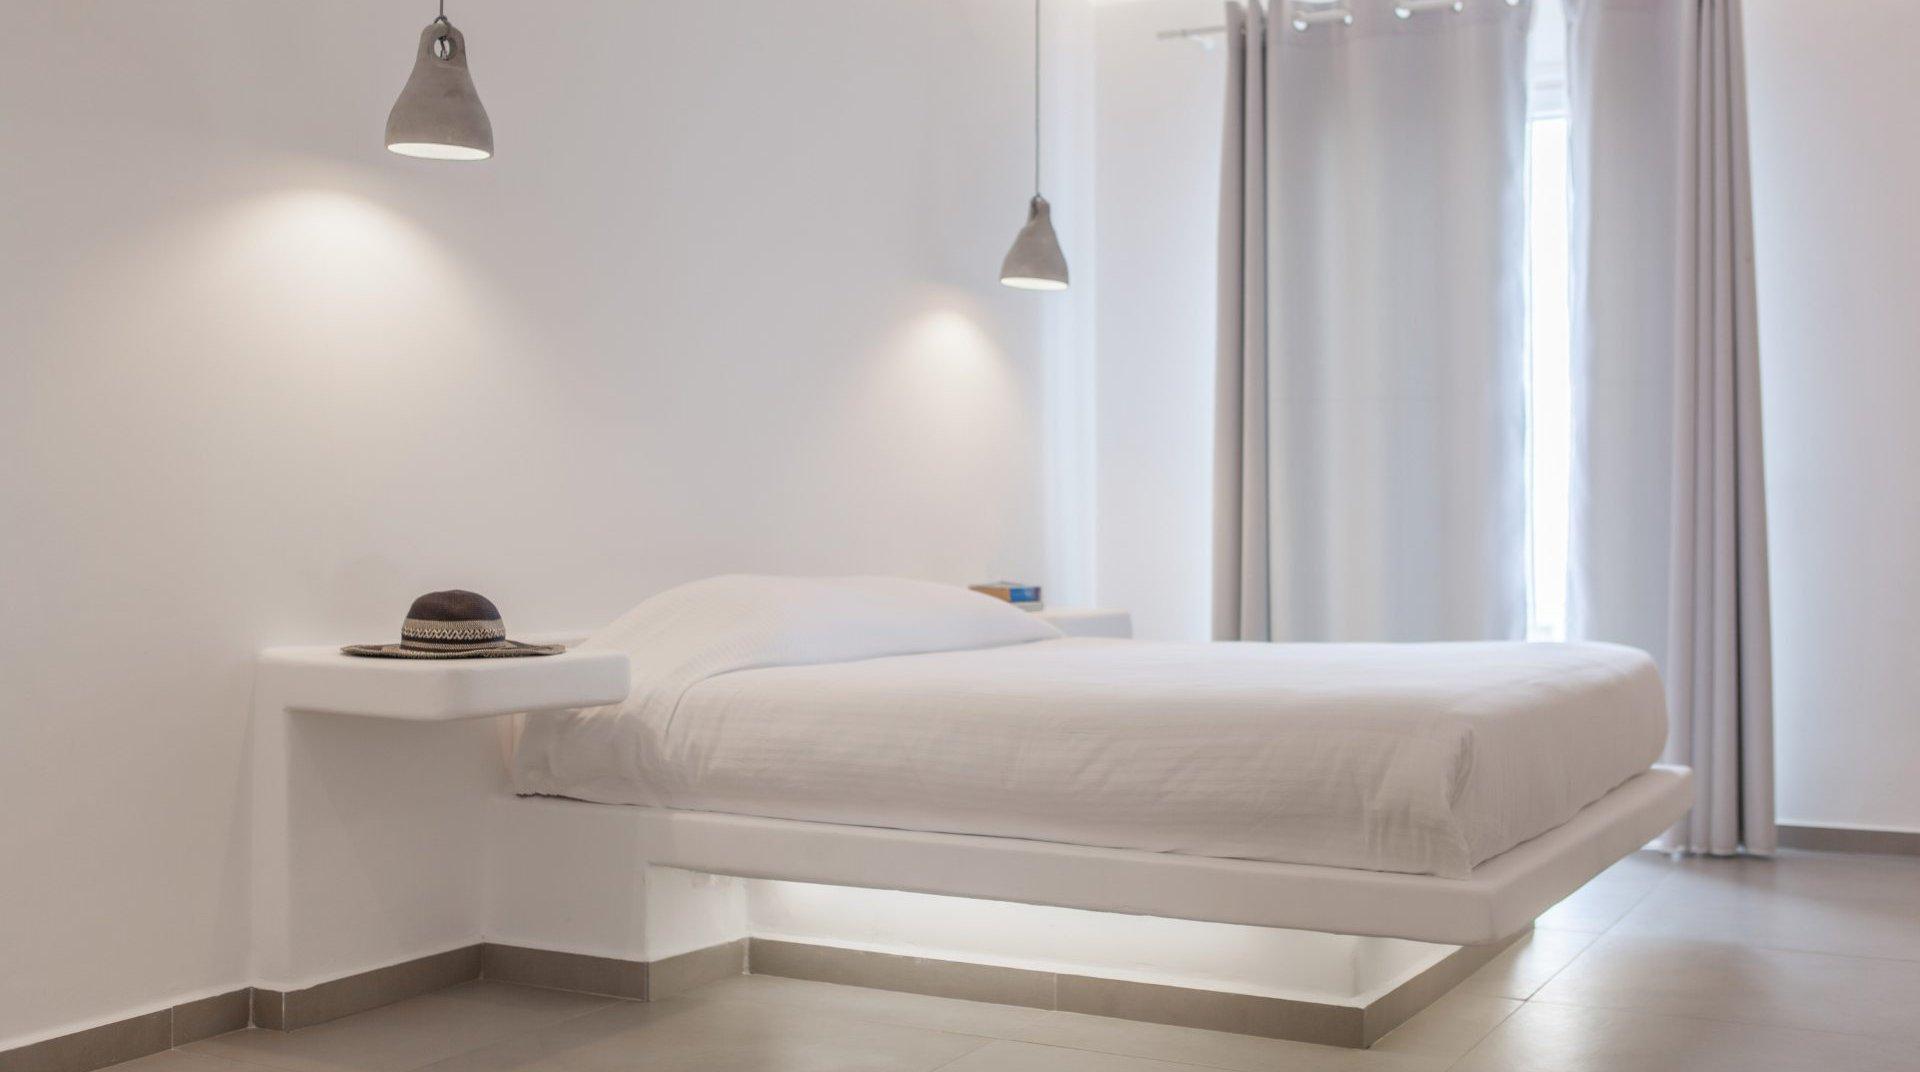 Το εσωτερικό του δωματίου με το κρεβάτι, τα φωτιστικά, τα κομοδίνα και τις κουρτίνες στην μπαλκονόπορτα